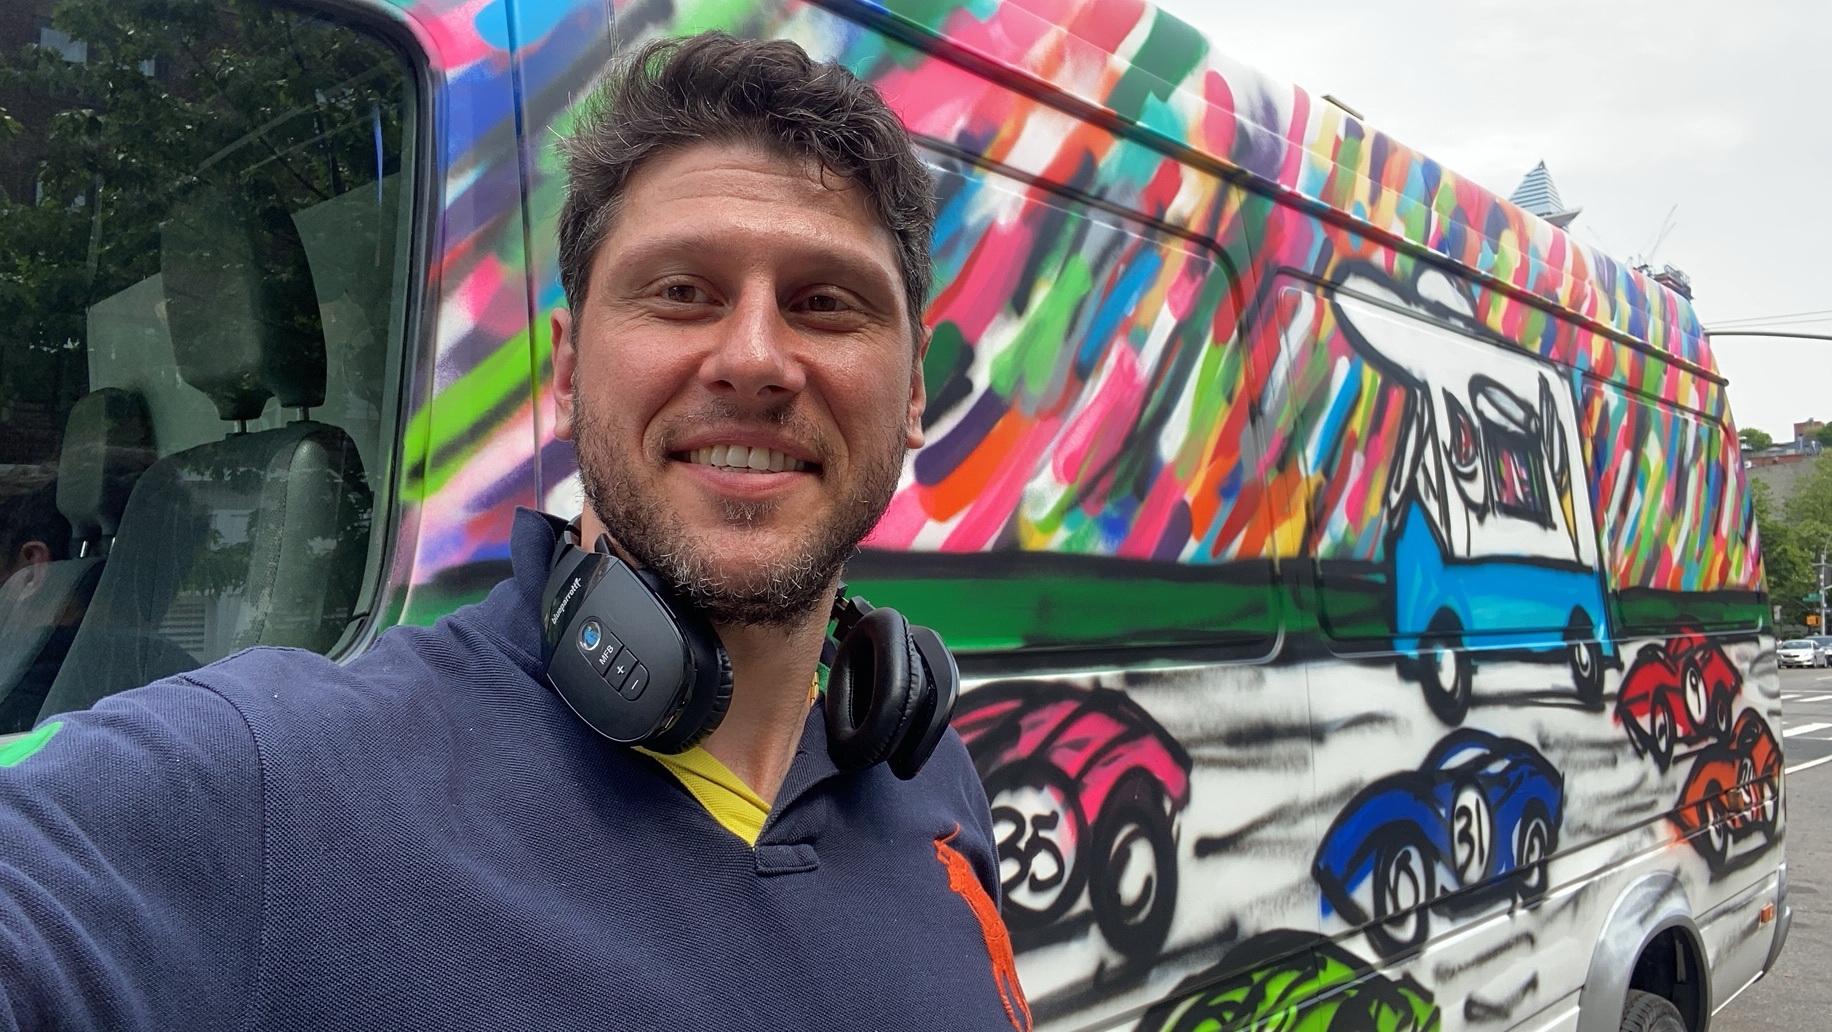 Da Race on Wheels: Art Project by Mitchell Schorr & Fine Art Shippers